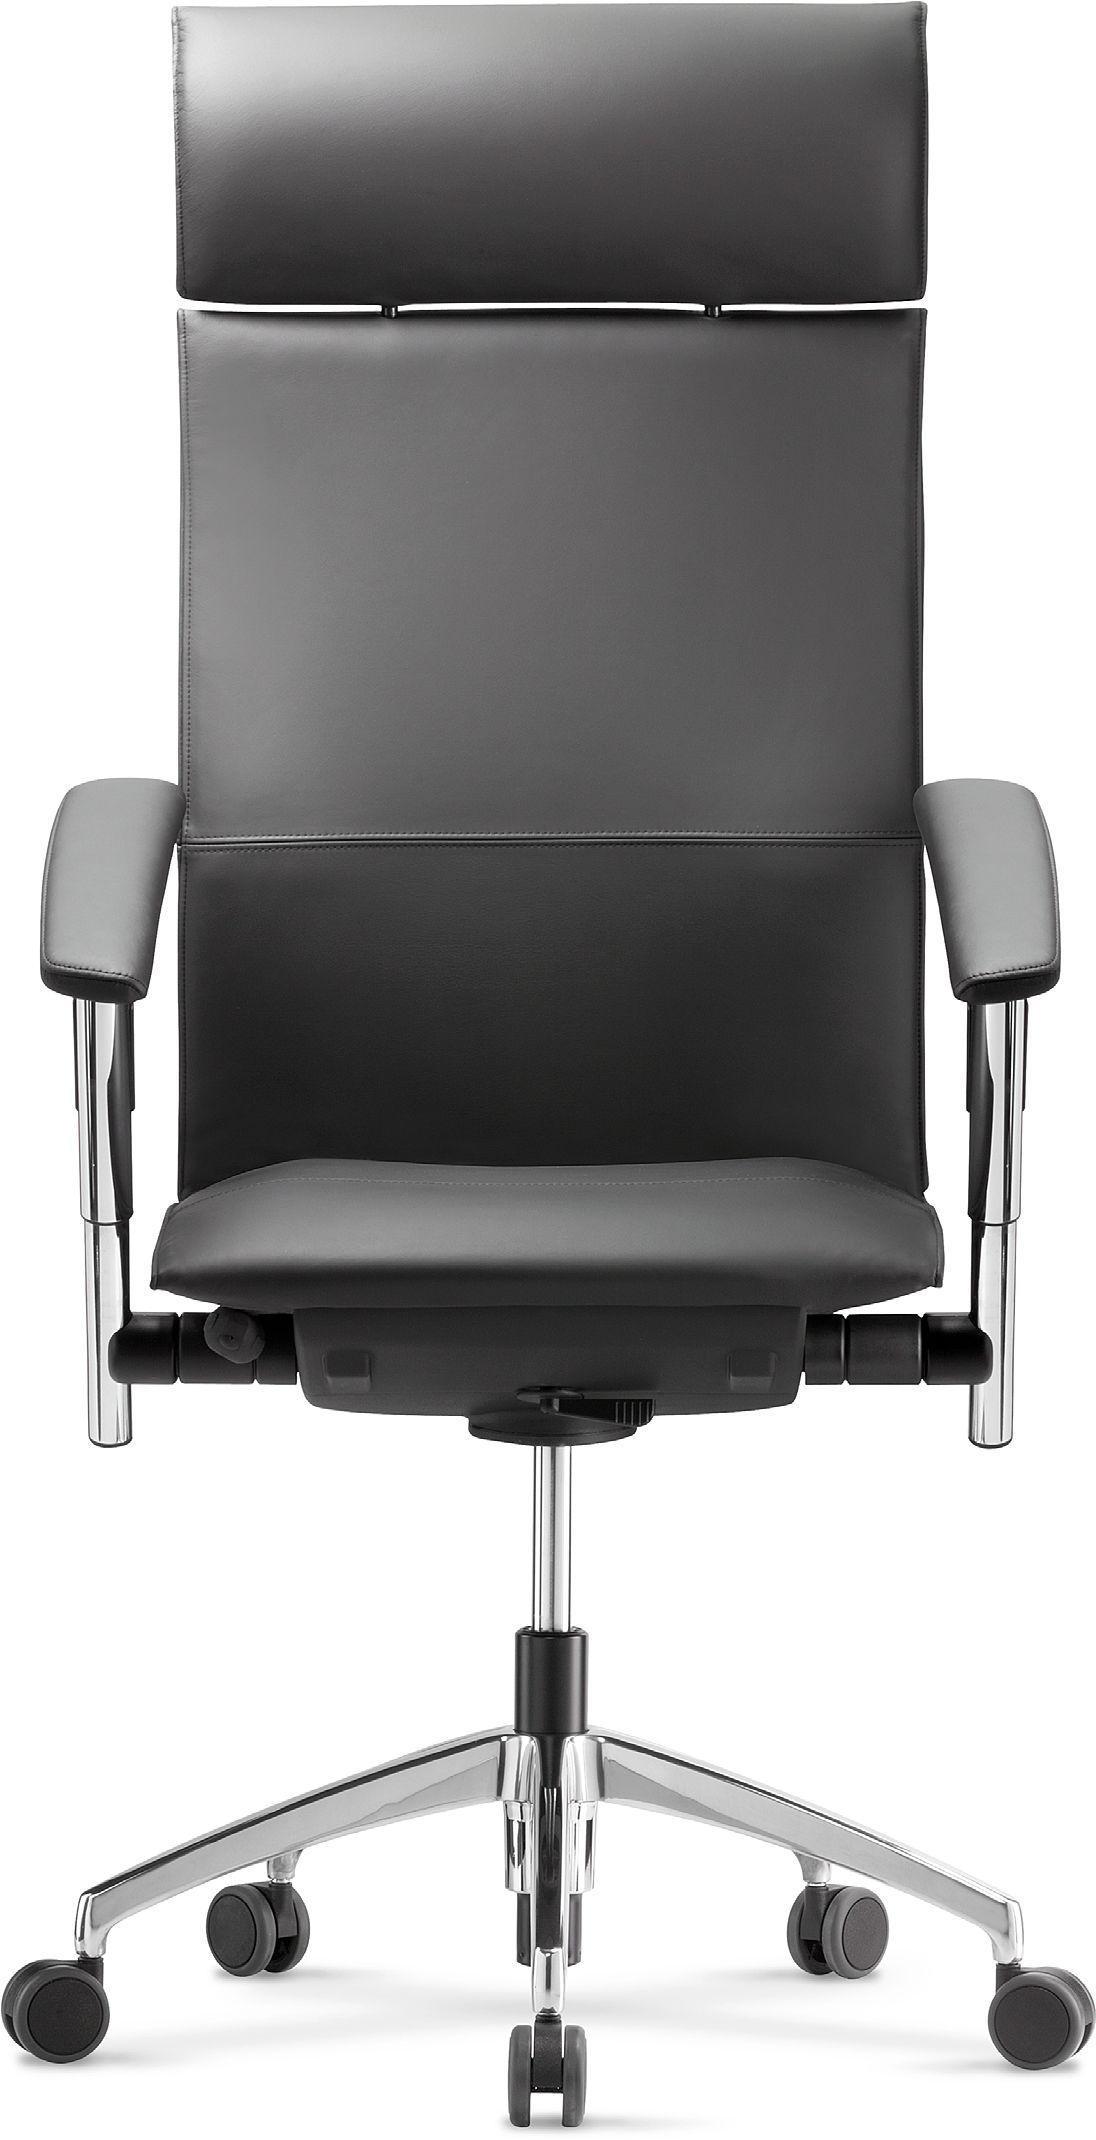 NOWY STYL Krzesło biurowe TIGER-UP-GT-8 R